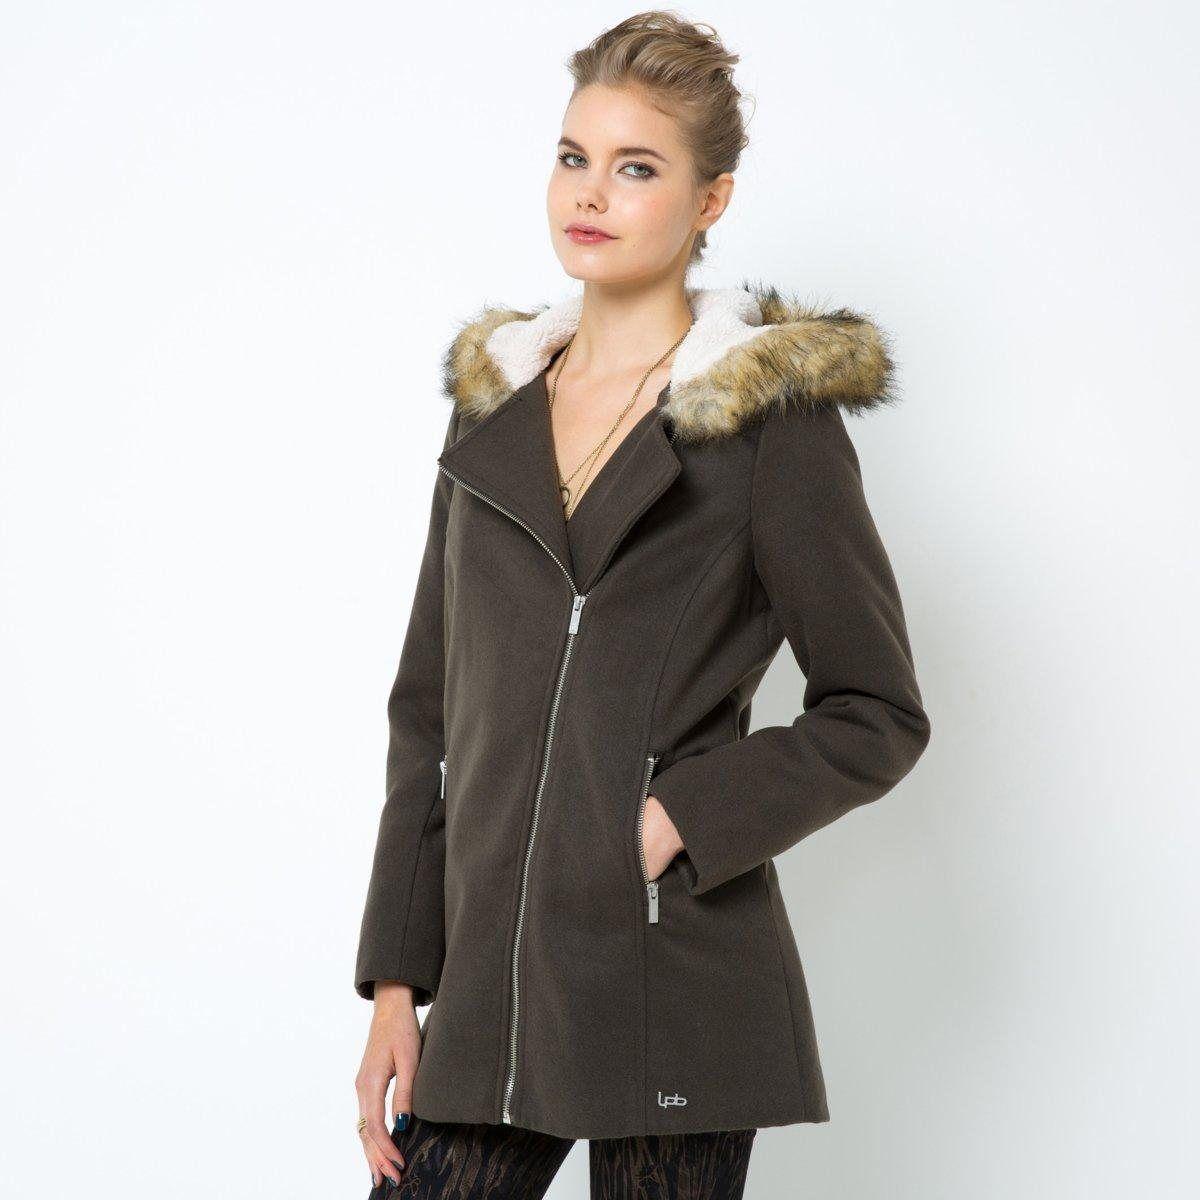 Manteau a capuche femme la redoute